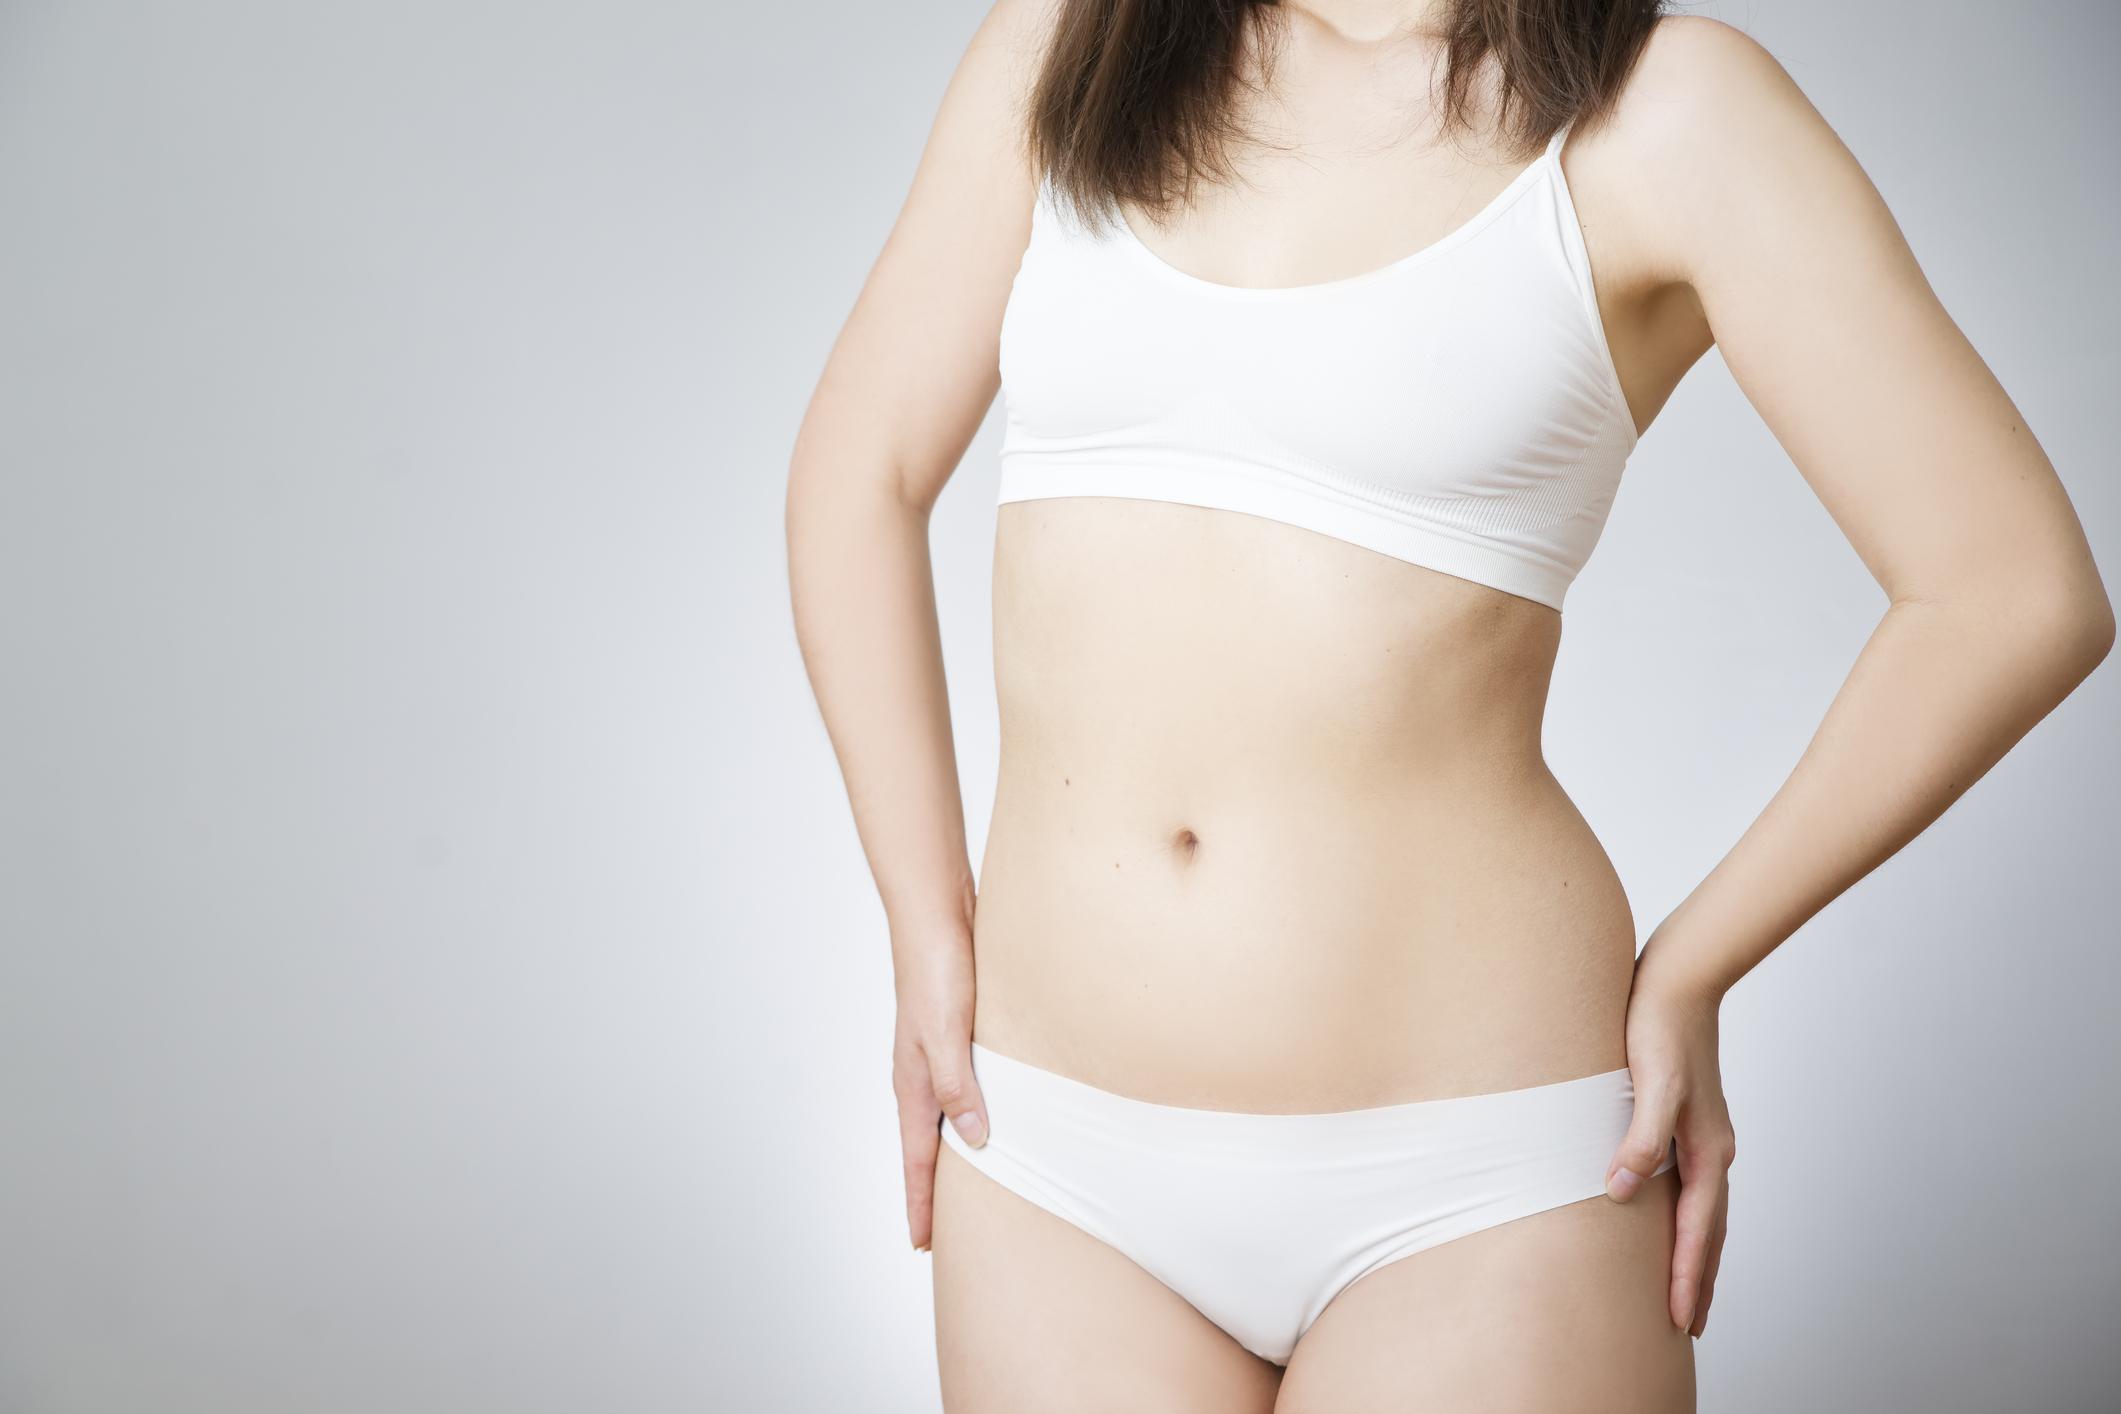 Sin aro ni rellenos, los 'tops' de algodón son los primeros corpiños que la familia le compra a la ñiña (iStock)